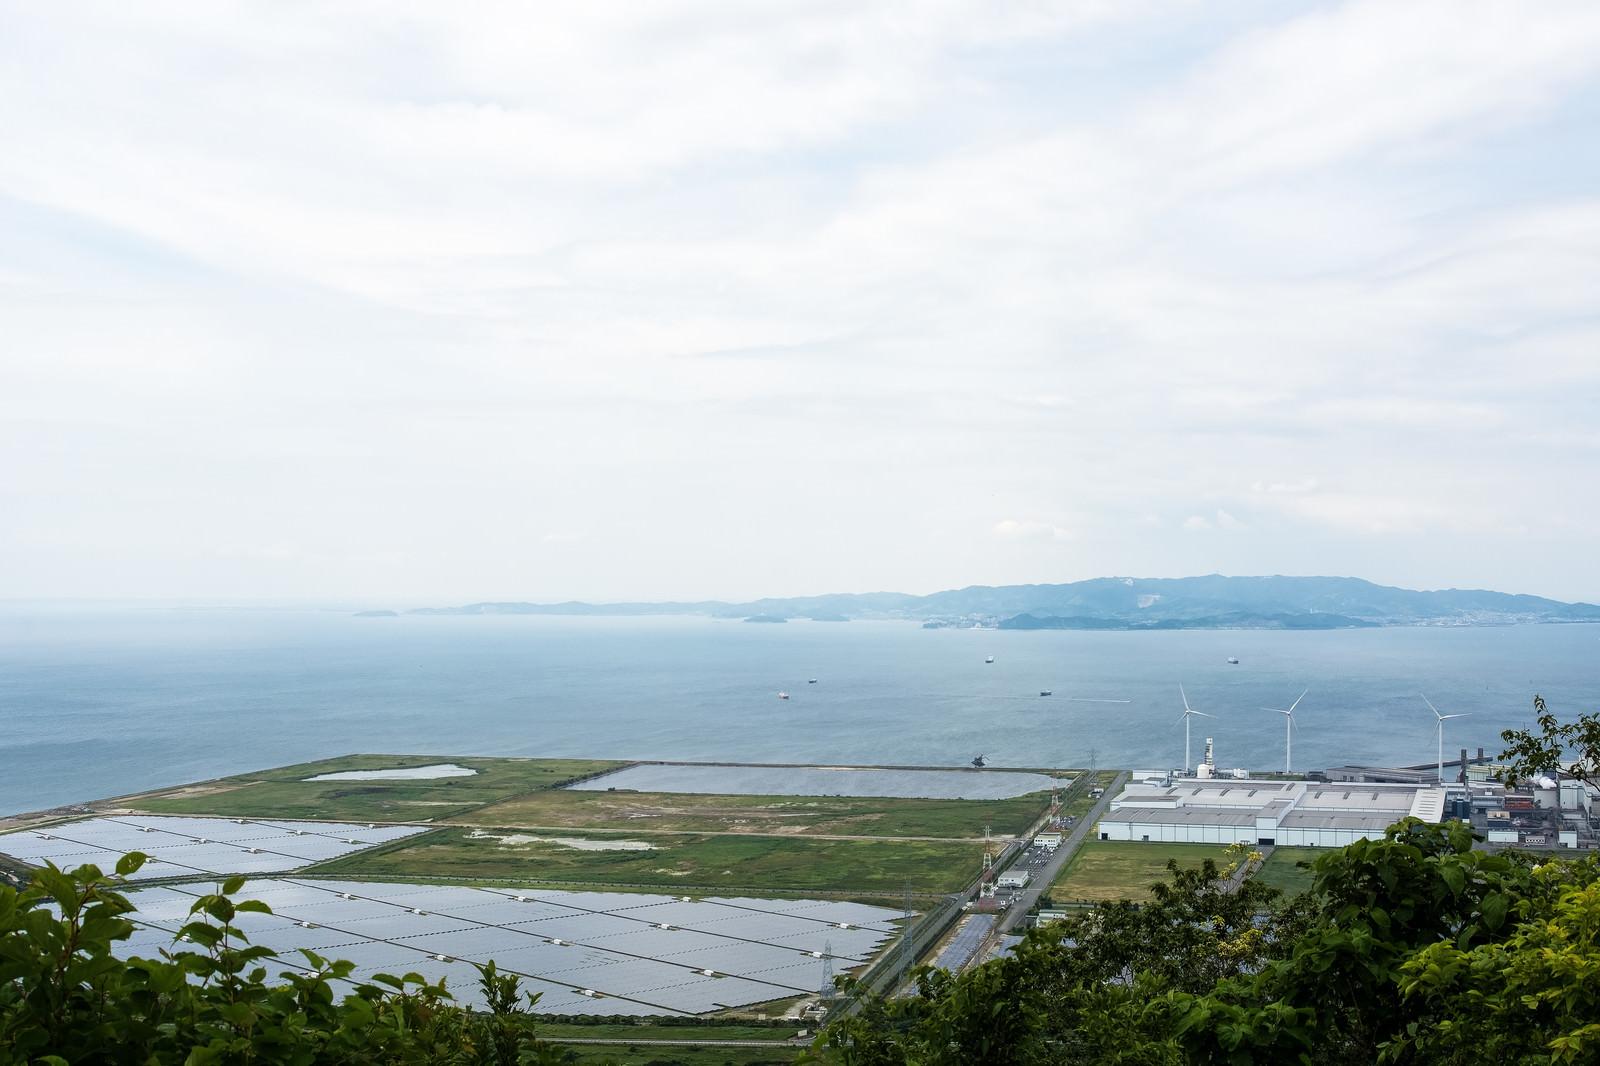 「風力発電用の風車とメガソーラー」の写真